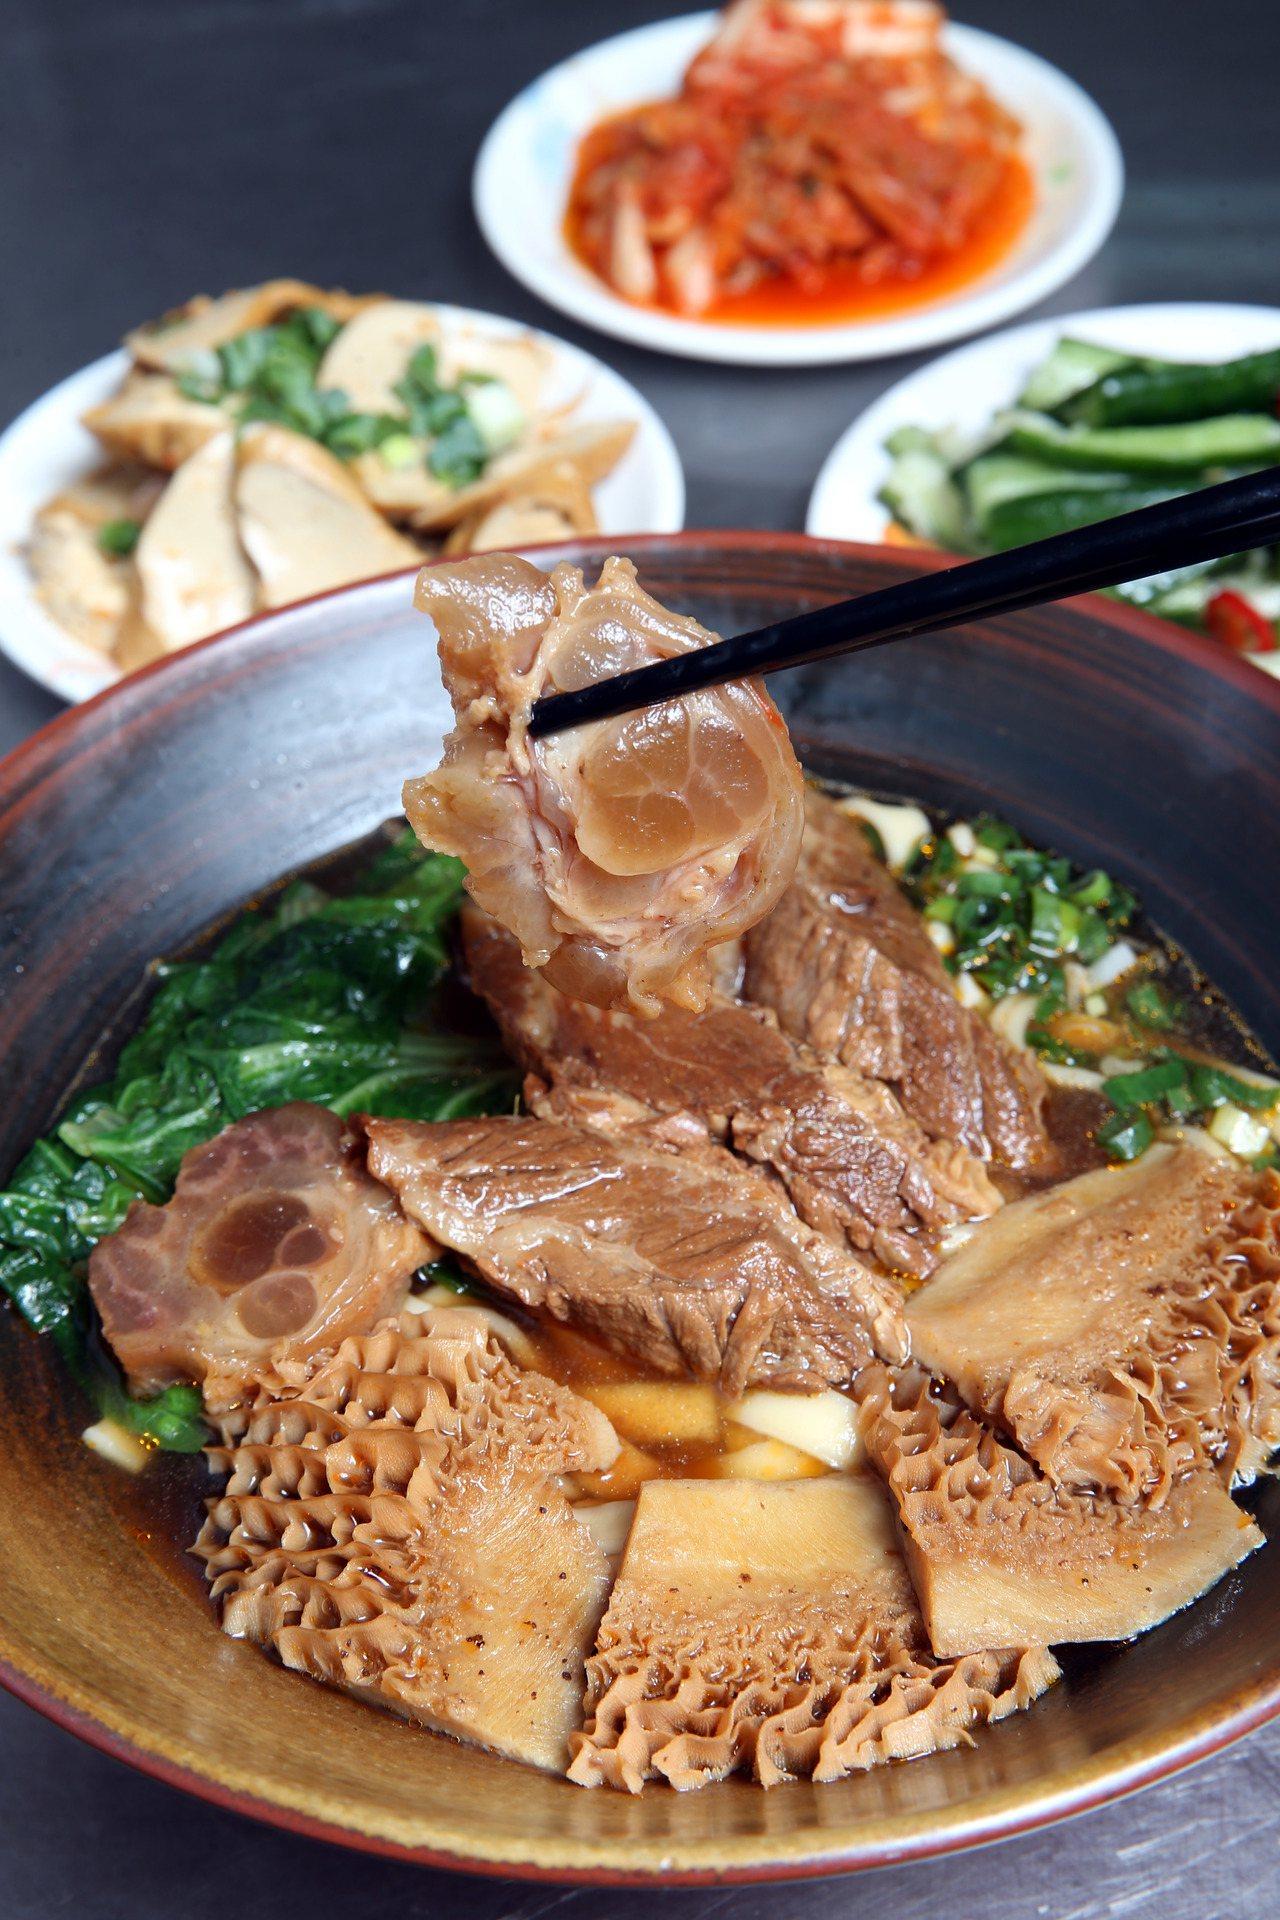 北投粟家牛肉麵,招牌麵即是三寶麵,一次嘗得到牛肚、牛筋與牛肉,以及店家自豪的紅燒...